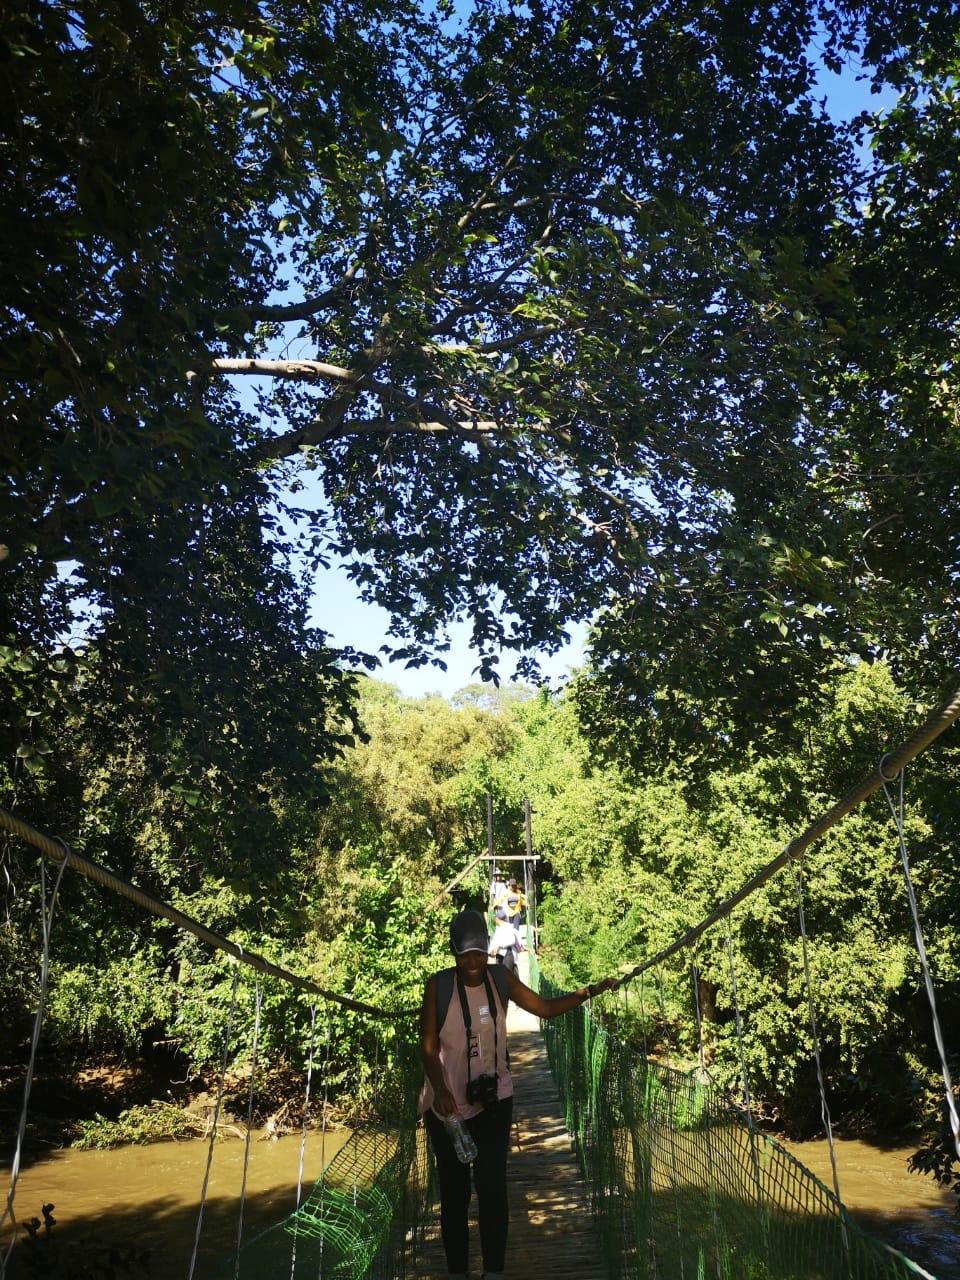 Hennops hiking trail suspension bridge